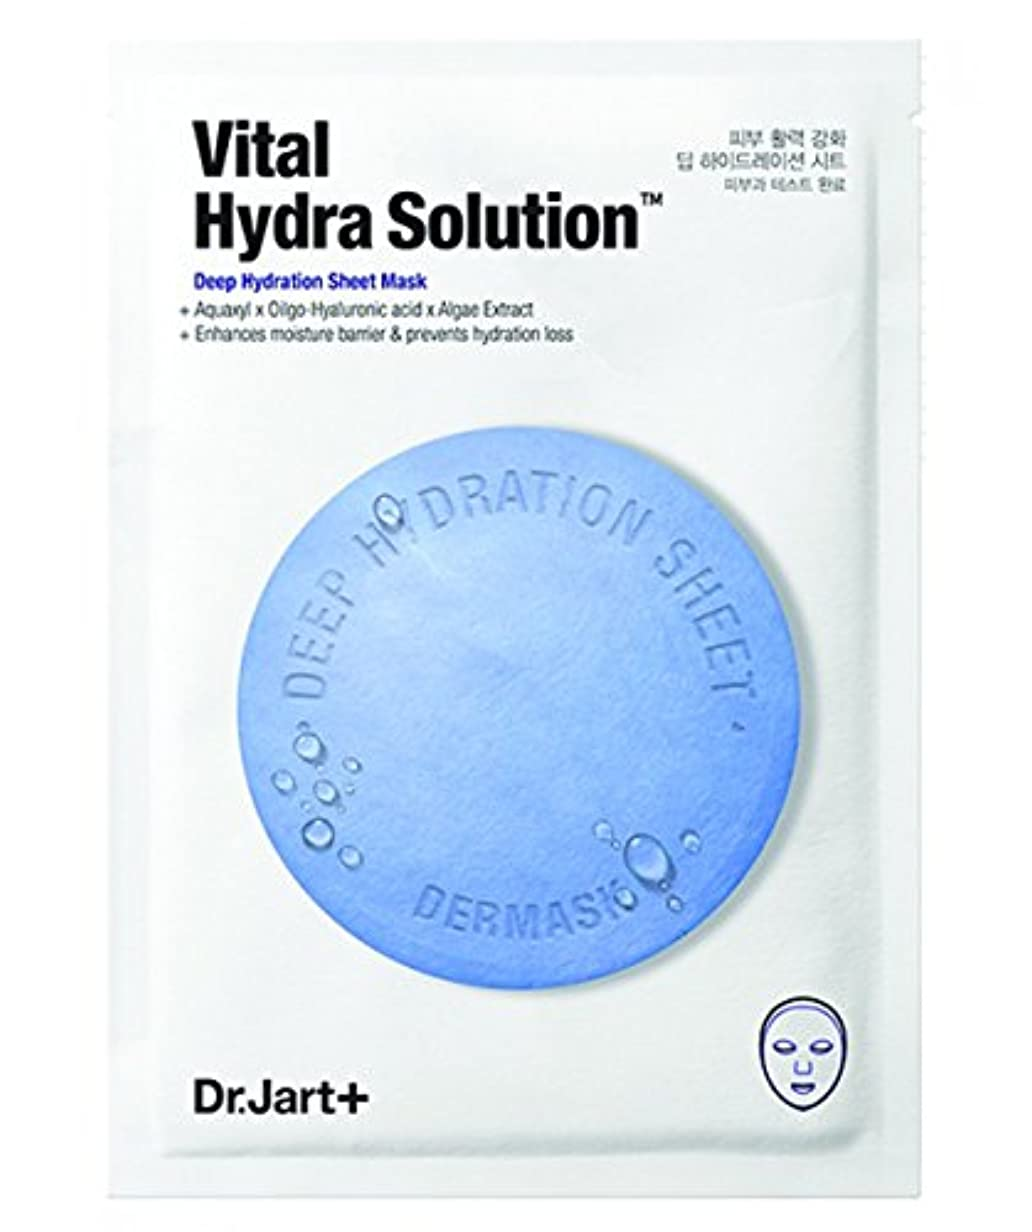 ヨーグルト届ける肯定的Dr.Jart+ Dermask Vital Hydra Solution Deep Hydration Sheet Mask (25g × 5ea)/ドクタージャルト ダーマスク バイタル ハイドラ ソリューション ディープ...